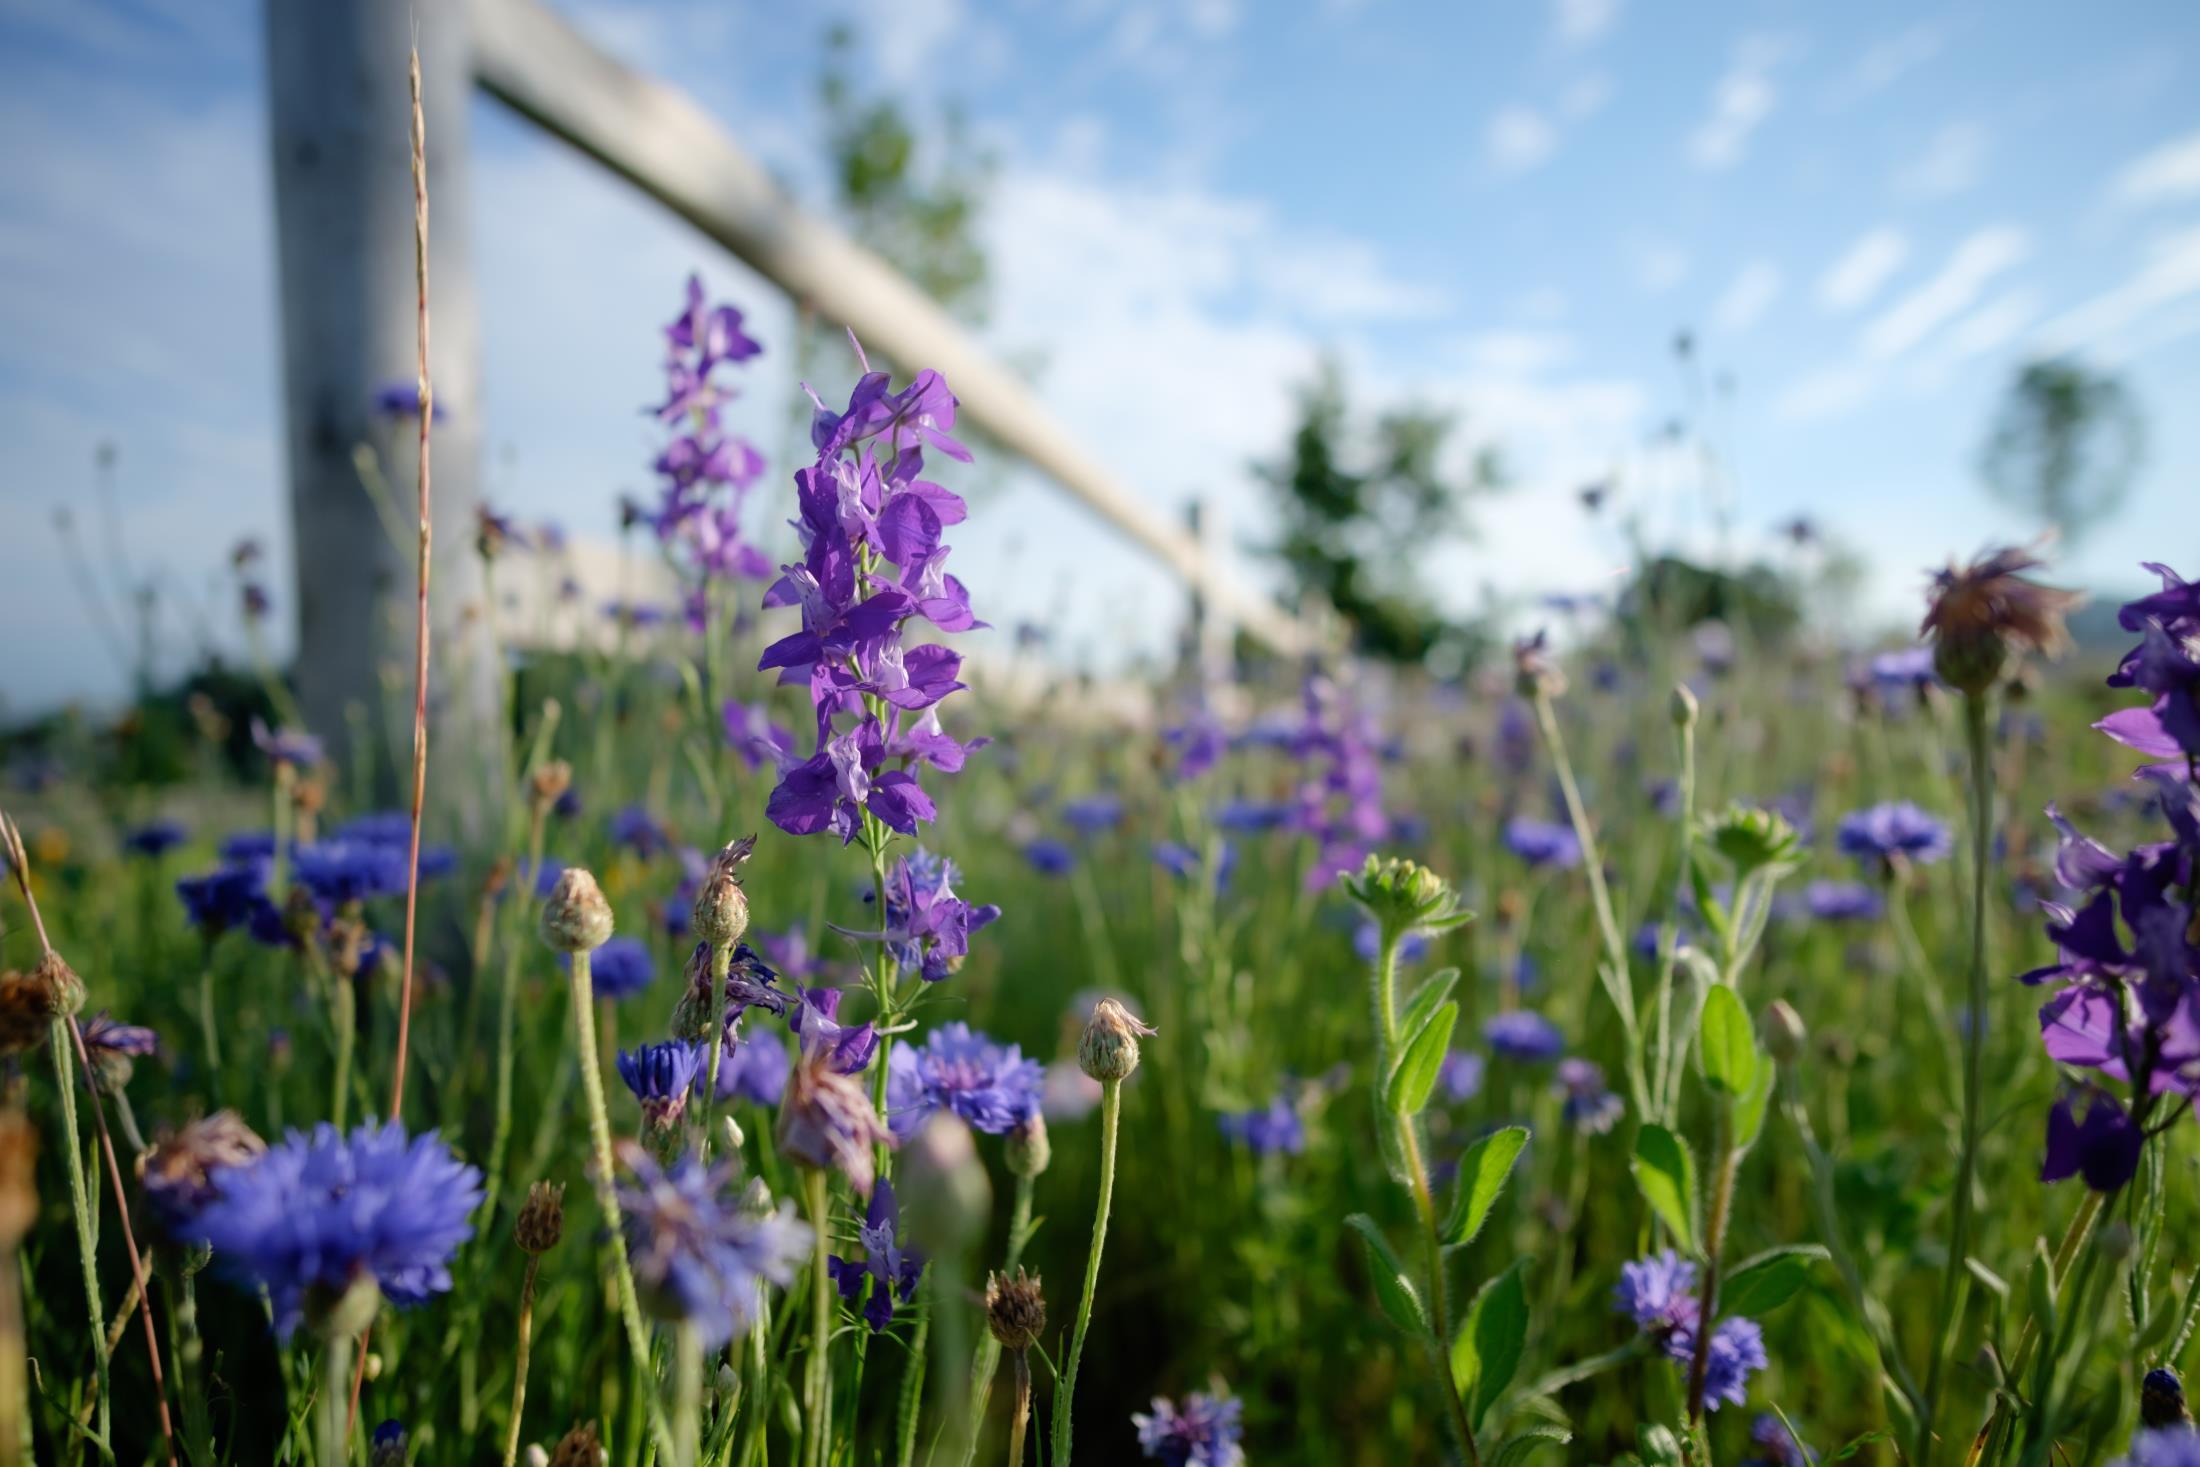 purple larkspur flowers